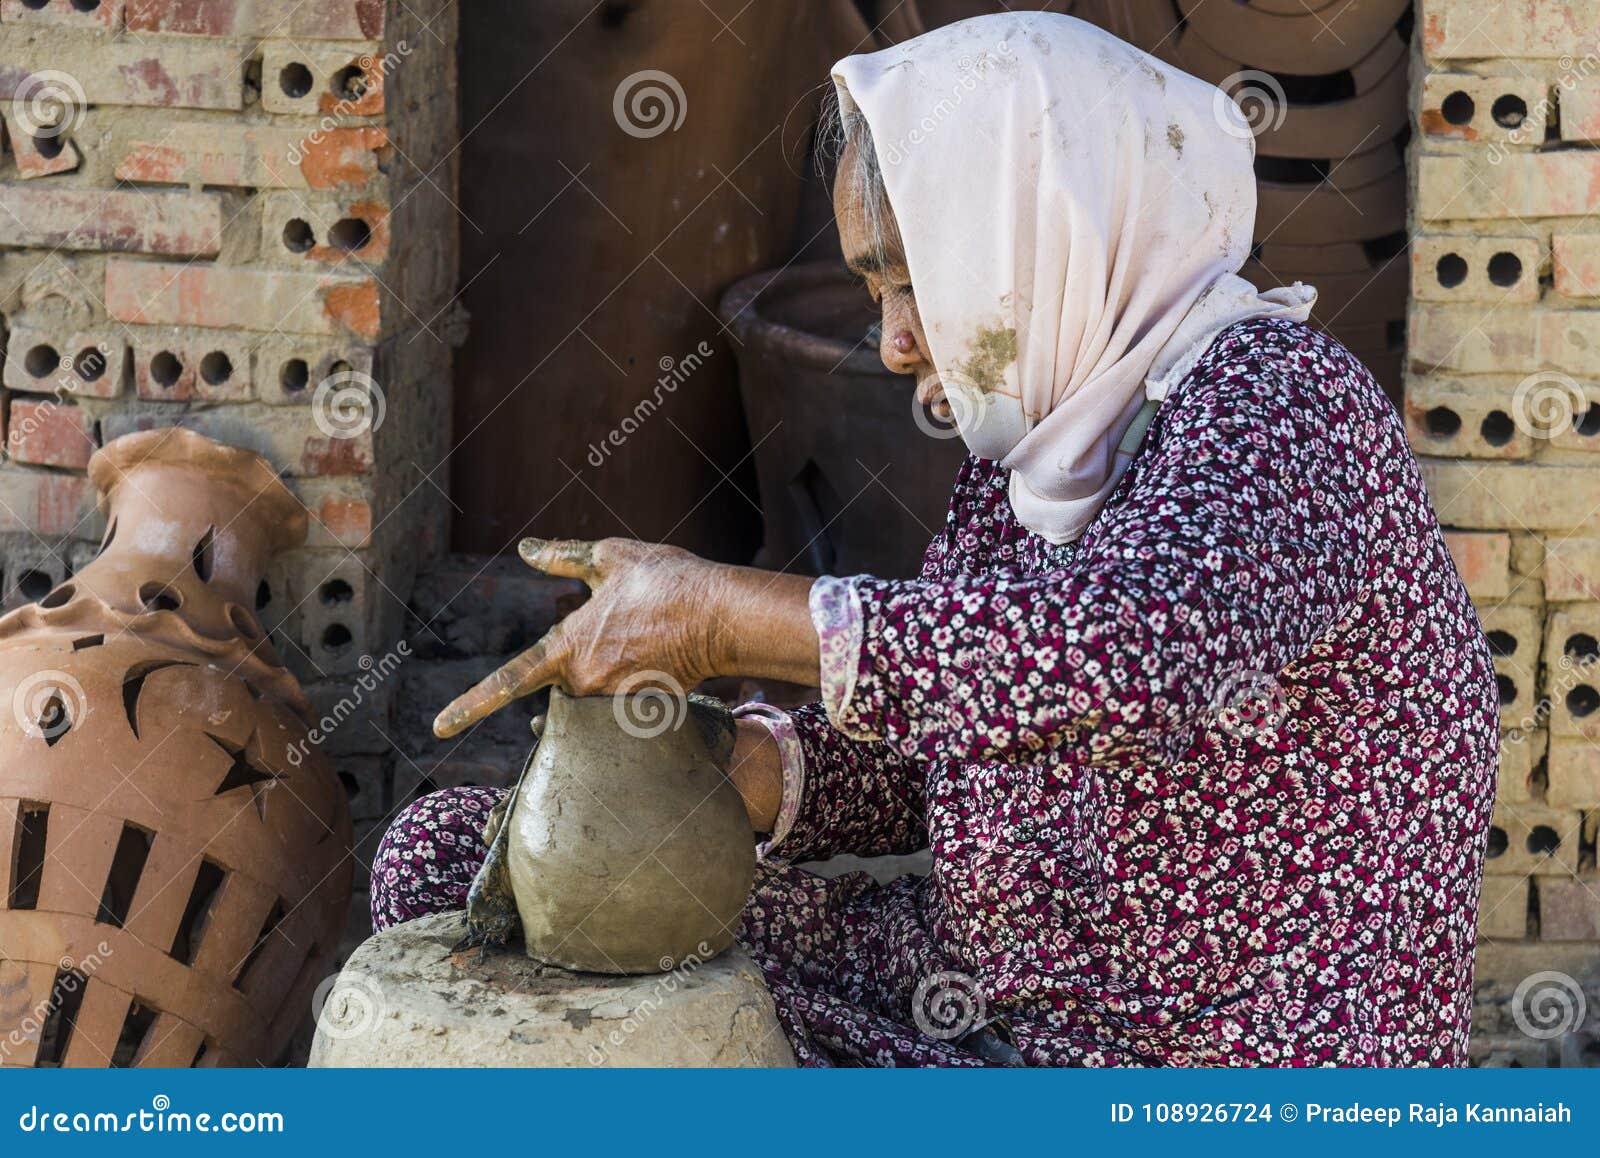 Wietnam Grudzień 2017: Lokalny Wietnamski kobiety formierstwa garnek od glinianej mikstury w jej fabryce, Wietnam